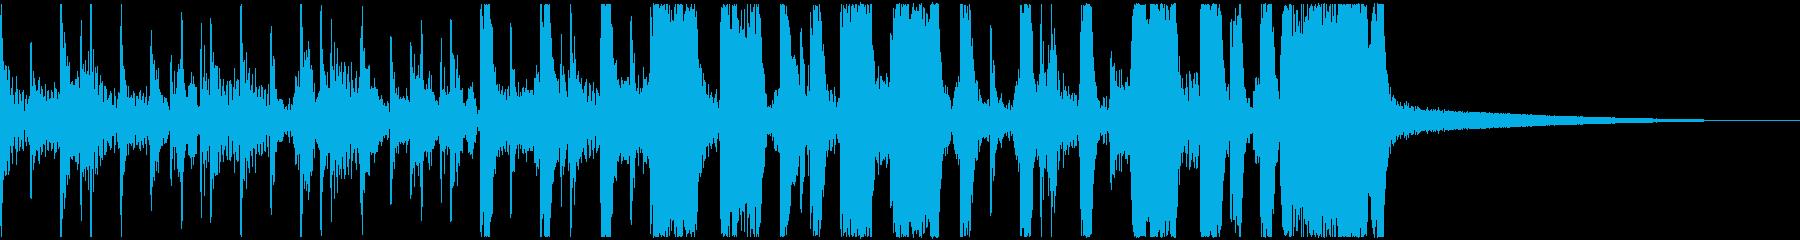 華やかなビッグバンド・スウィングジャズの再生済みの波形